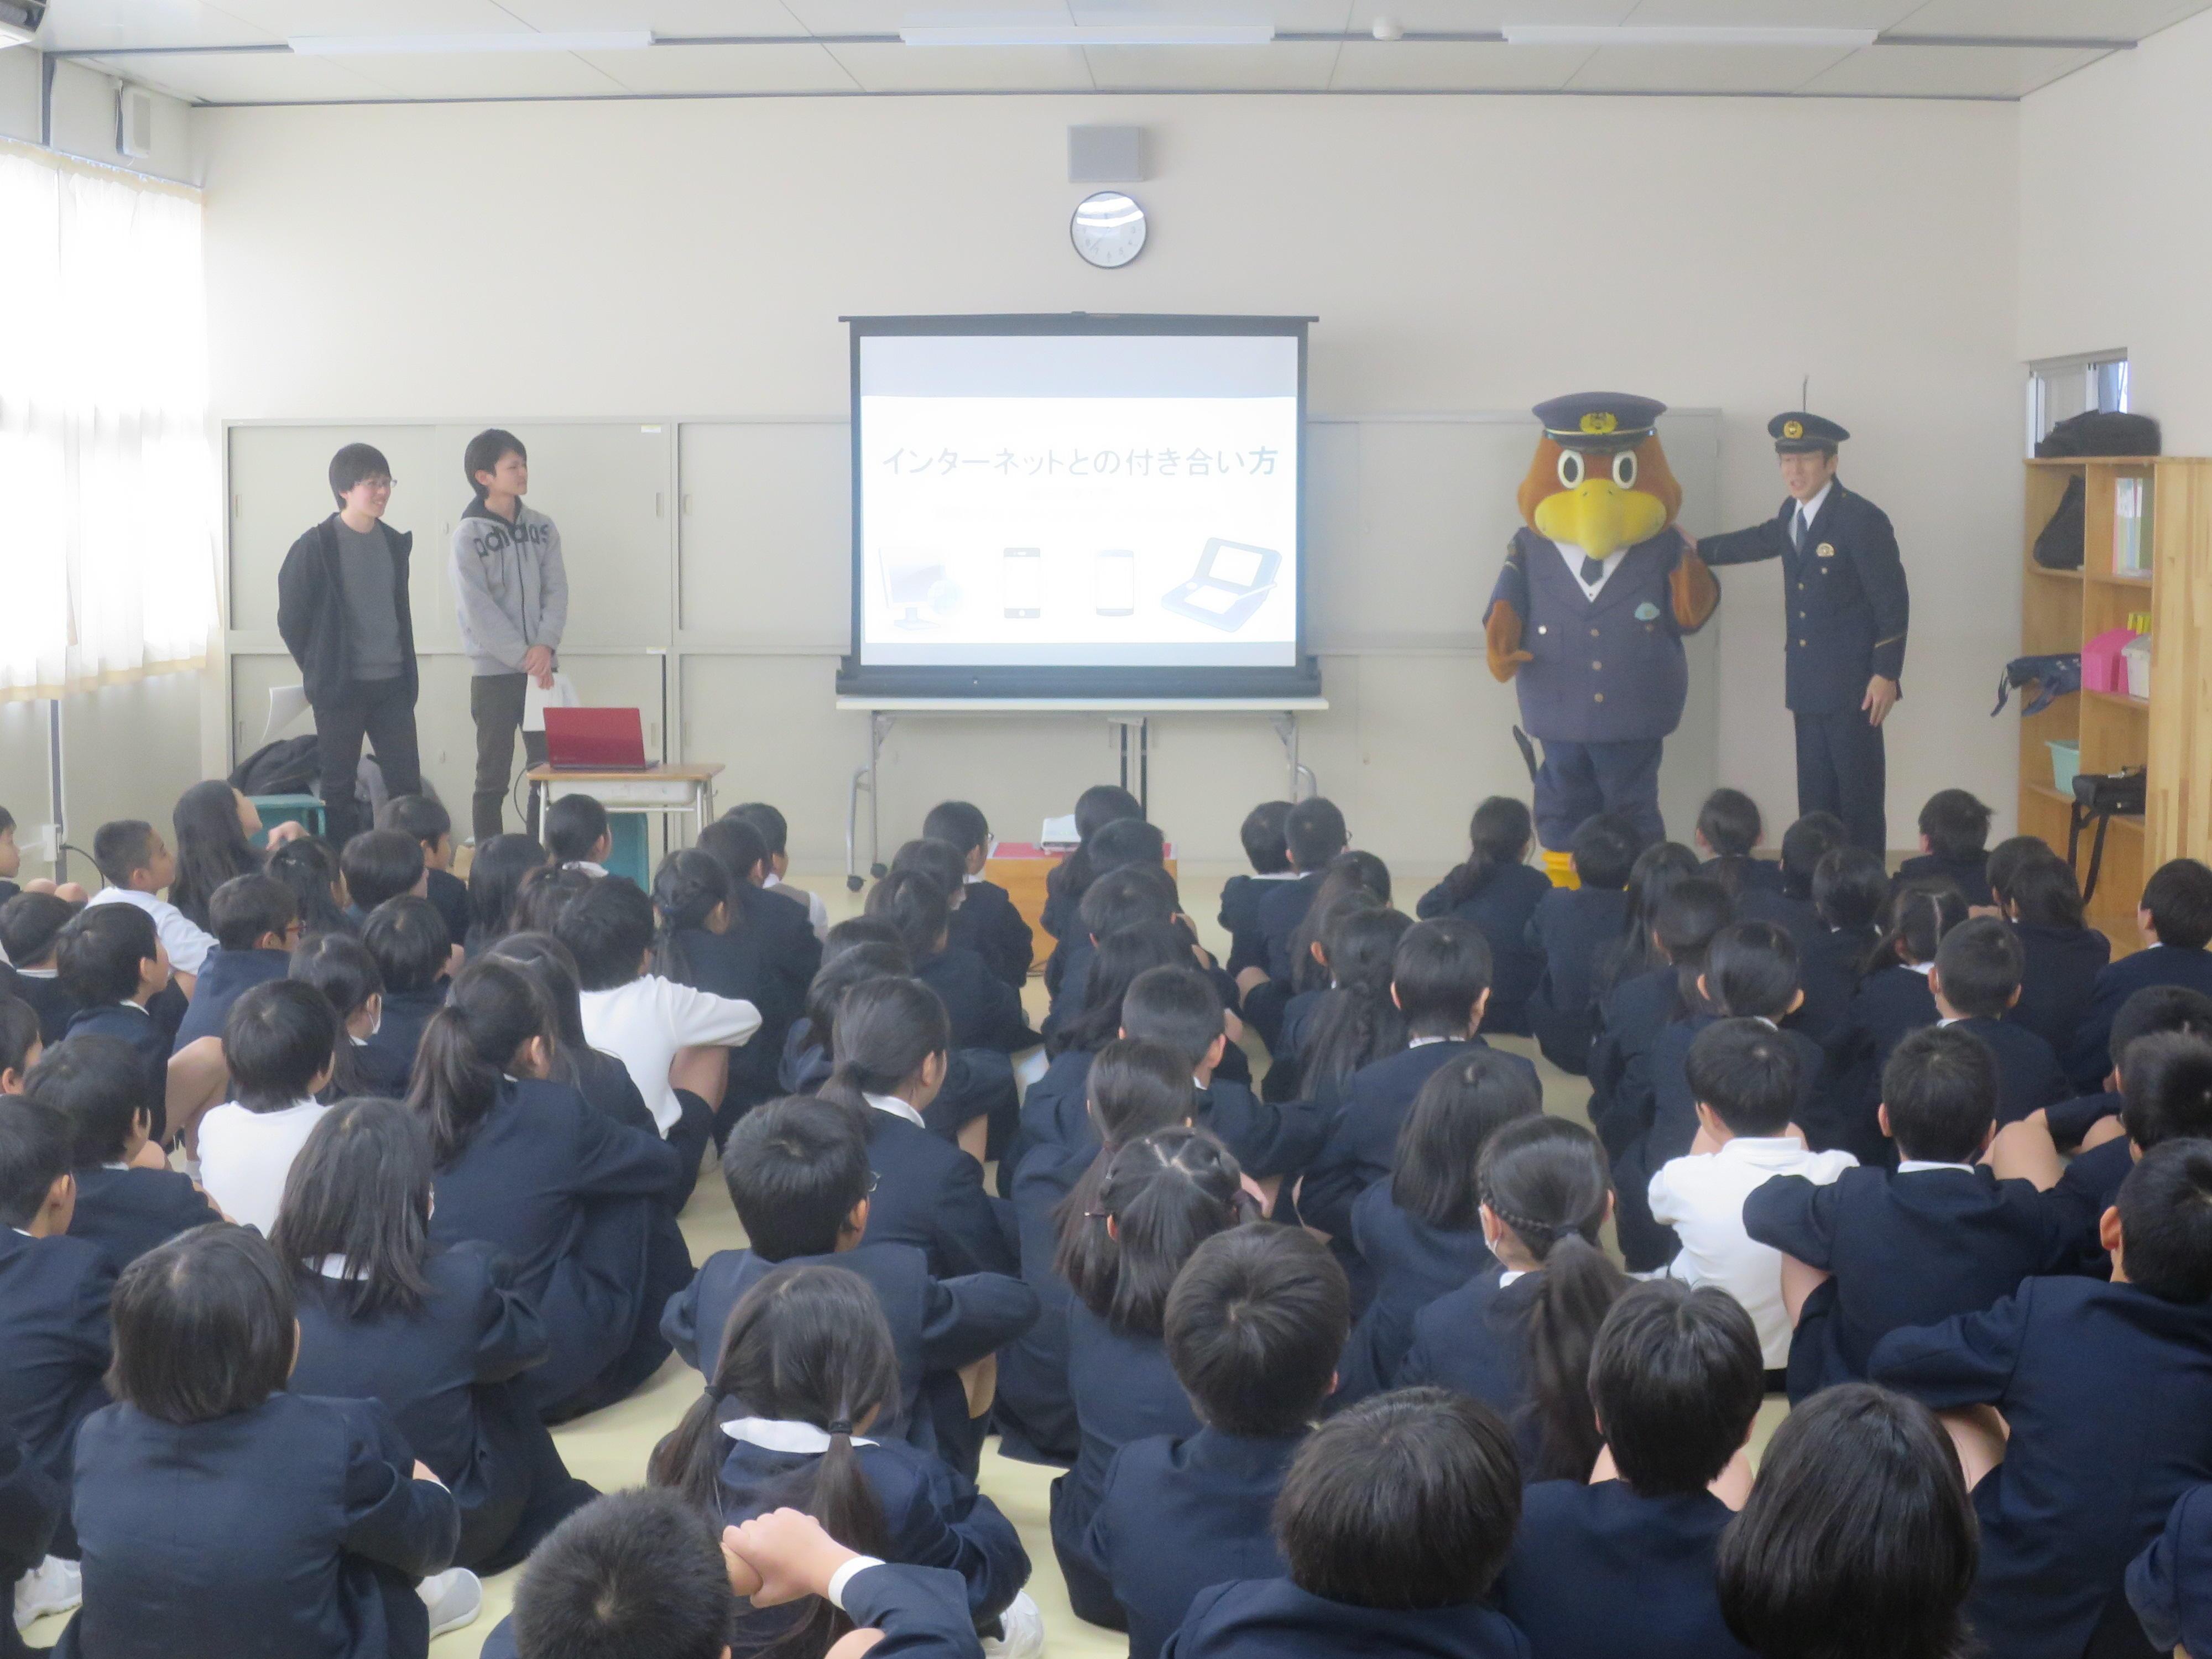 金沢工業大学情報セキュリティ・スキルアッププロジェクトが金沢市立押野小学校 4年生~5年生を対象に「ネットいじめ防止講演会」を開催。